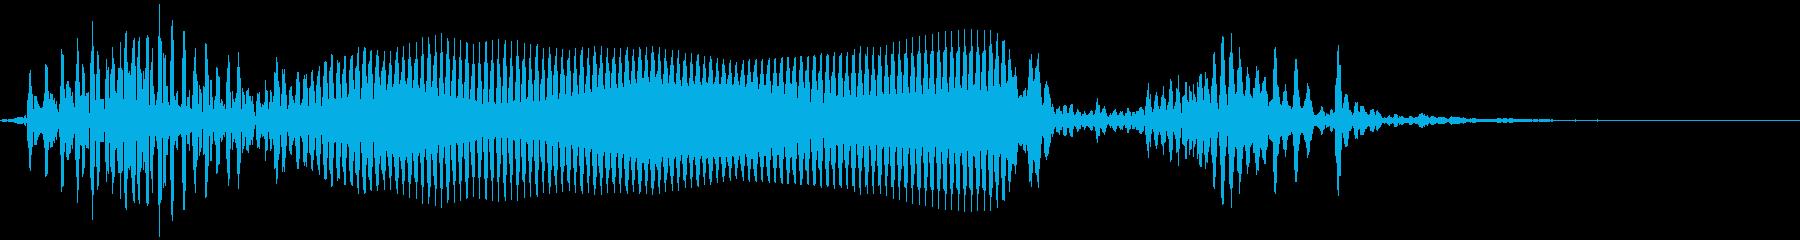 ホーン:面白いパーティーアイテム。の再生済みの波形